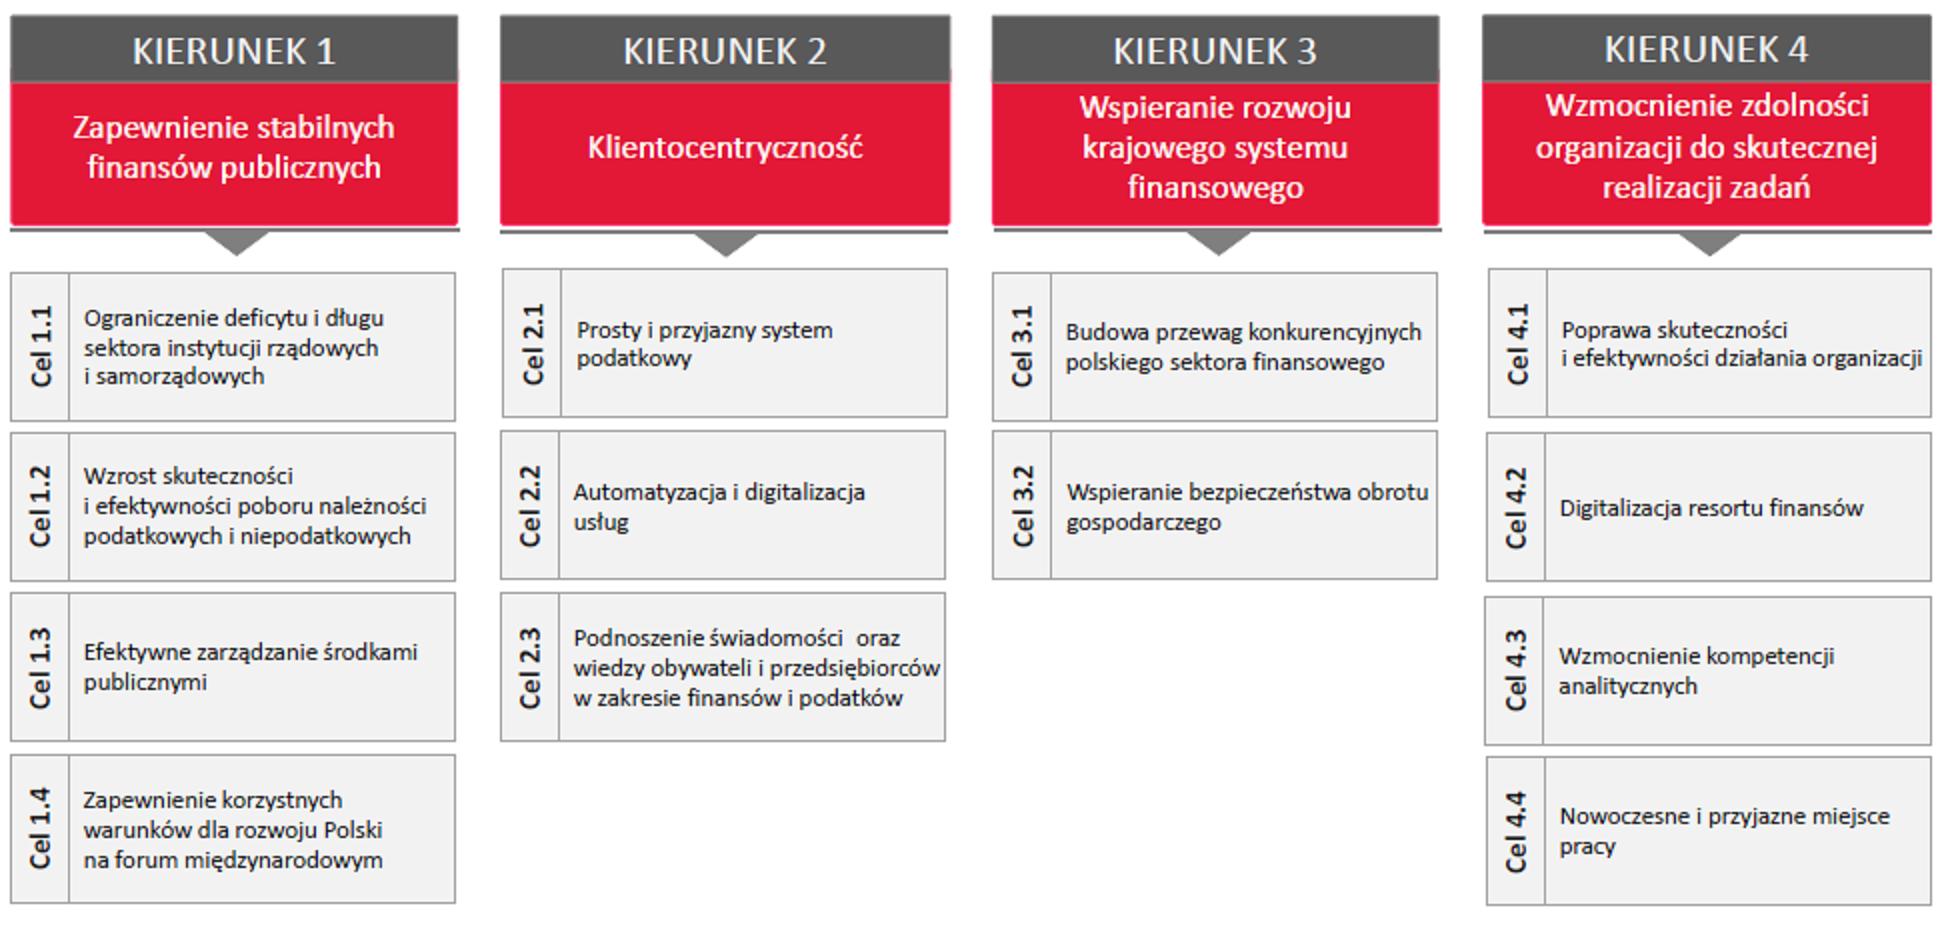 Schemat blokowy zawierający cztery kierunki działania i rozwoju oraz cele do osiągnięcia dla MF na 2021-2024